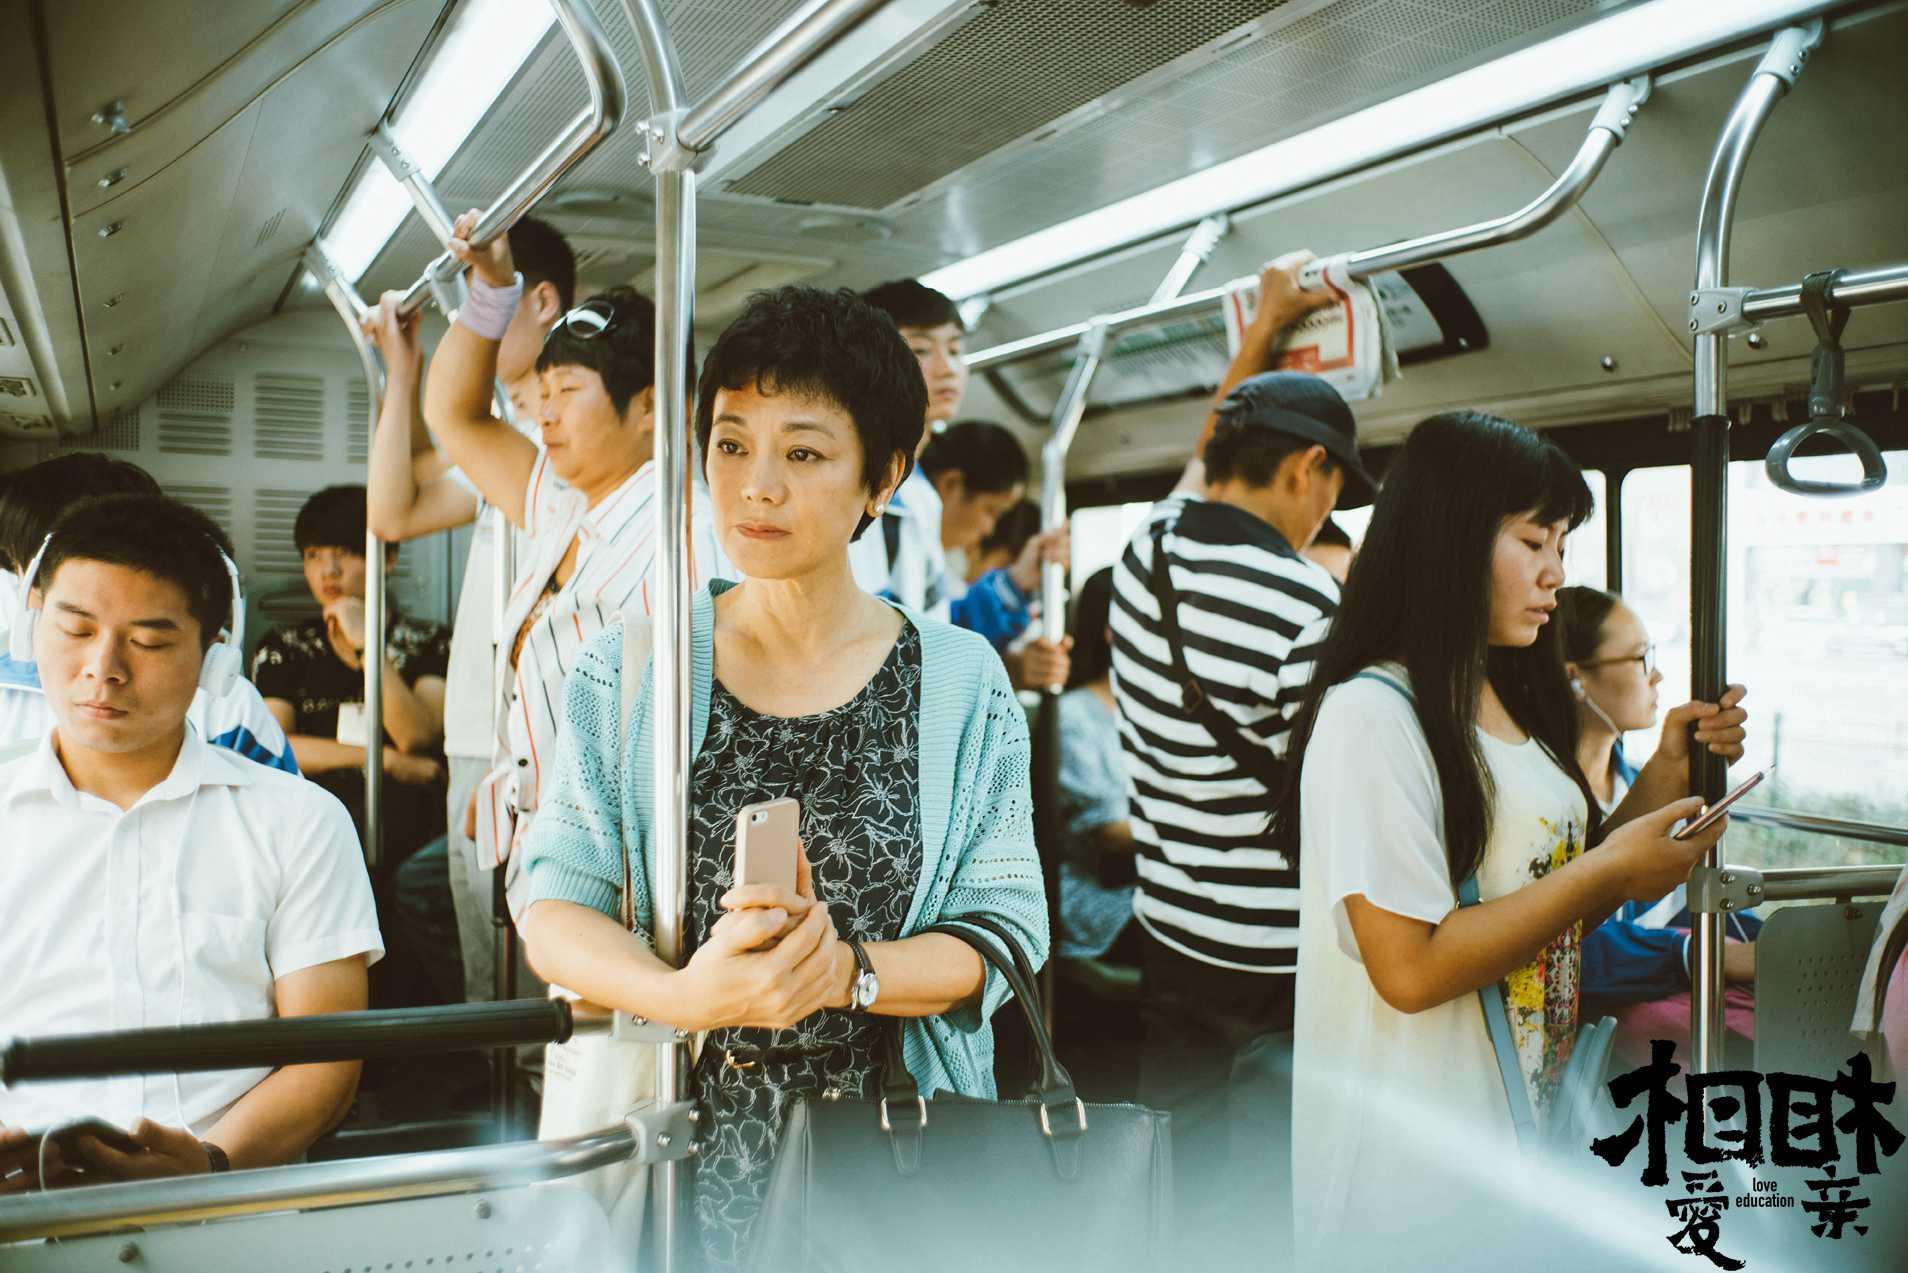 电影《相爱相亲》导演、主演张艾嘉.jpg